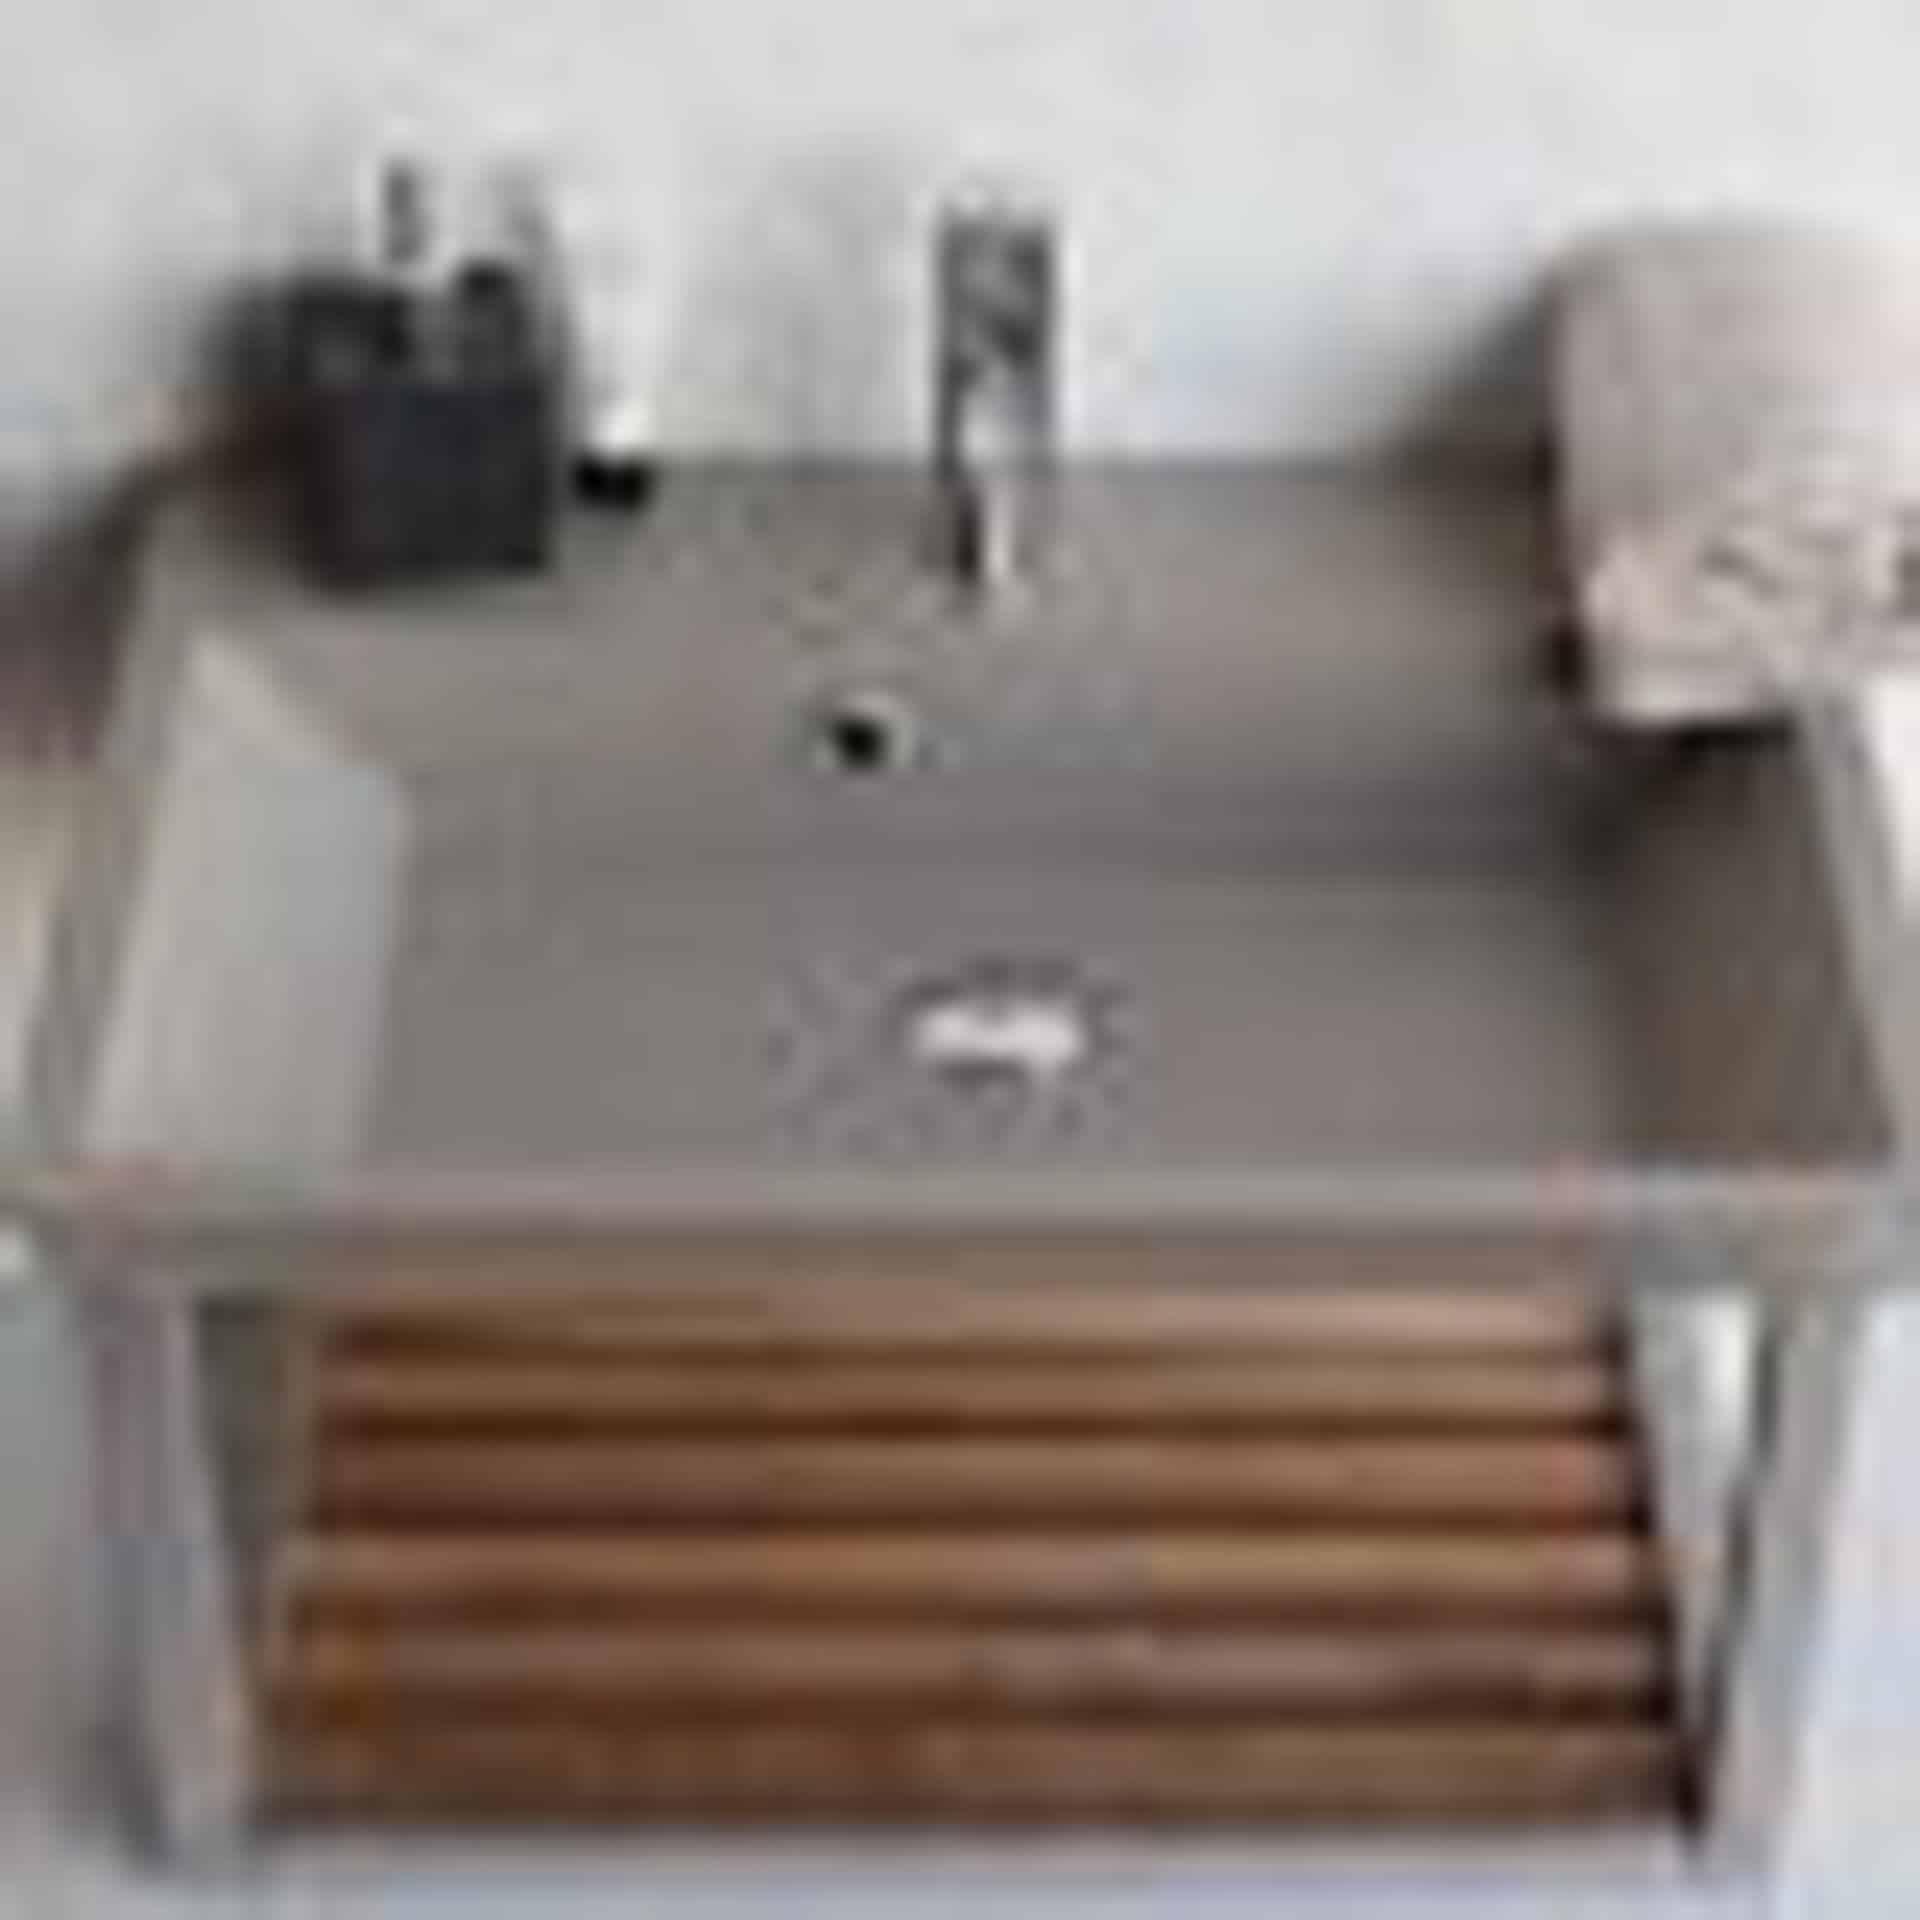 Lækker og simpel beton håndvask, med pæne afrundinger. Farven er i grå - en fantastik flot, moderne og naturlig betonfarve, der passer ind i ethvert badeværelse. Materialet er en kombination af komposit, fiber og beton, dette gør, at vasken er væsentlig stærkere end normal beton. Beton tåler ikke stærke rengøringsmidler, eller syreholdige produkter. Vi anbefaler derfor at vasken rengøres i pH neutralt rengøringsmiddel. Vasken har målene: 60,5 x 35,5 x 10 cm. Vasken kan bruges som fritstående vask - da vasken er flad i bunden er den velegnet til at placere direkte på en bordplade. Vasken er hensynsmæssigt designet med fine rundinger, som både giver vasken et eksklusivt udtryk og gør den rengøringsvenlig. Vasken vedligeholdes med voks - vi anbefaler en behandling med vores egen naturvoks ID12002 et par gange om året for at opnå optimalt look.